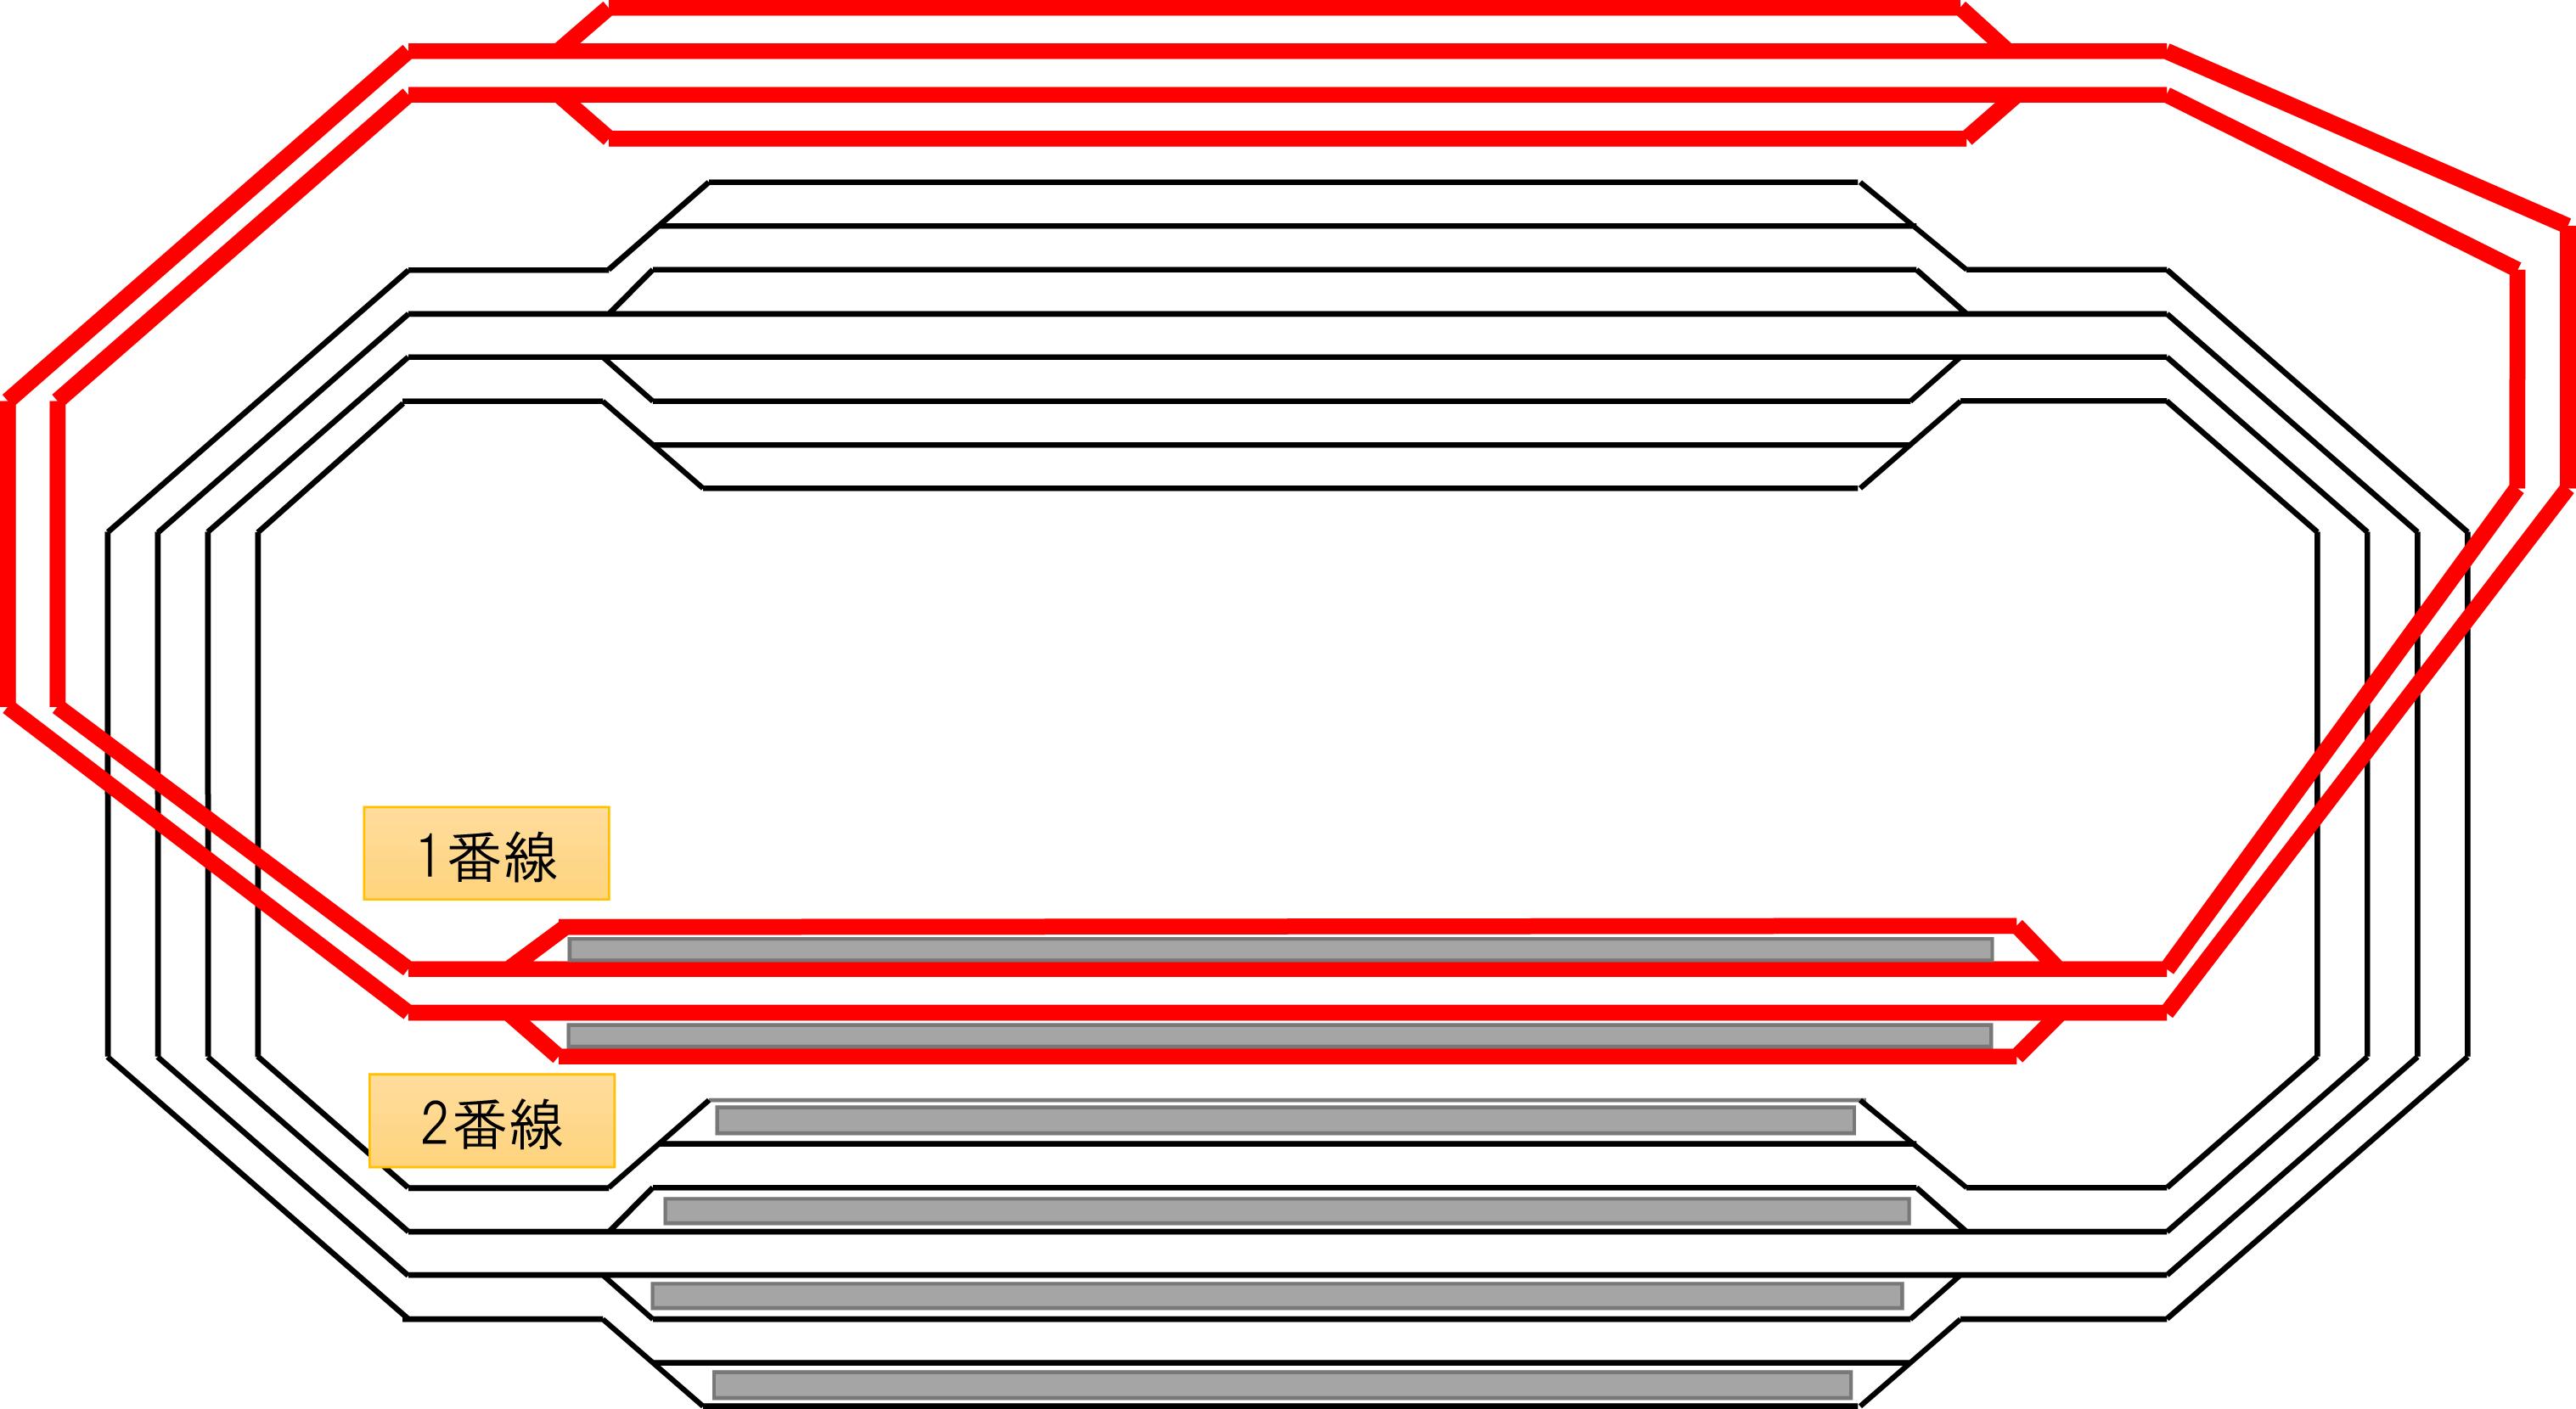 1番線・2番線(高架線)